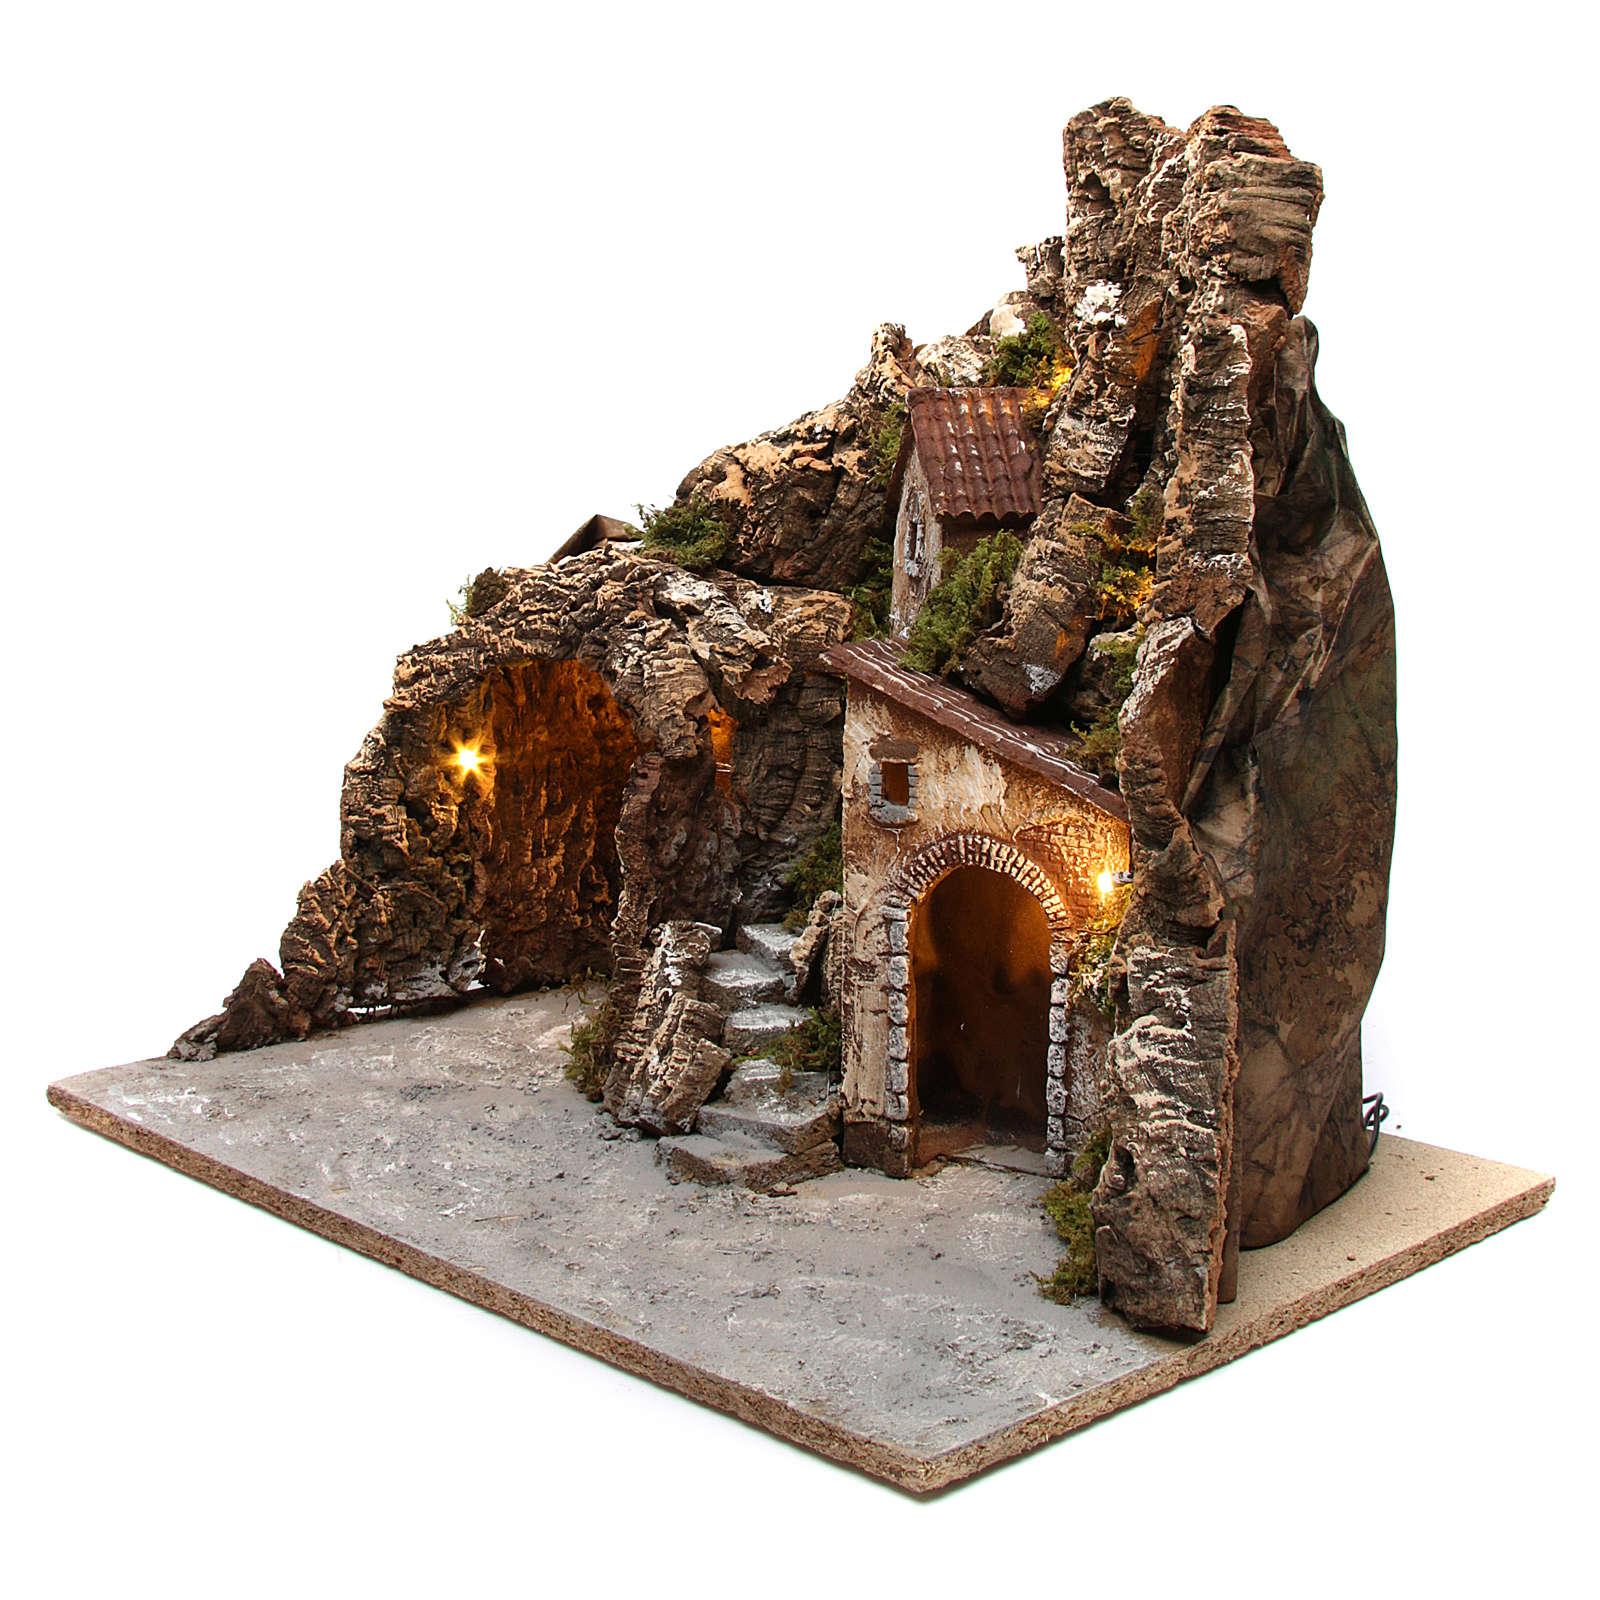 Krippenszenerie, Bergdorf und Höhle mit Beleuchtung, 55x60x60 cm, gefertigt aus Holz und Kork 4